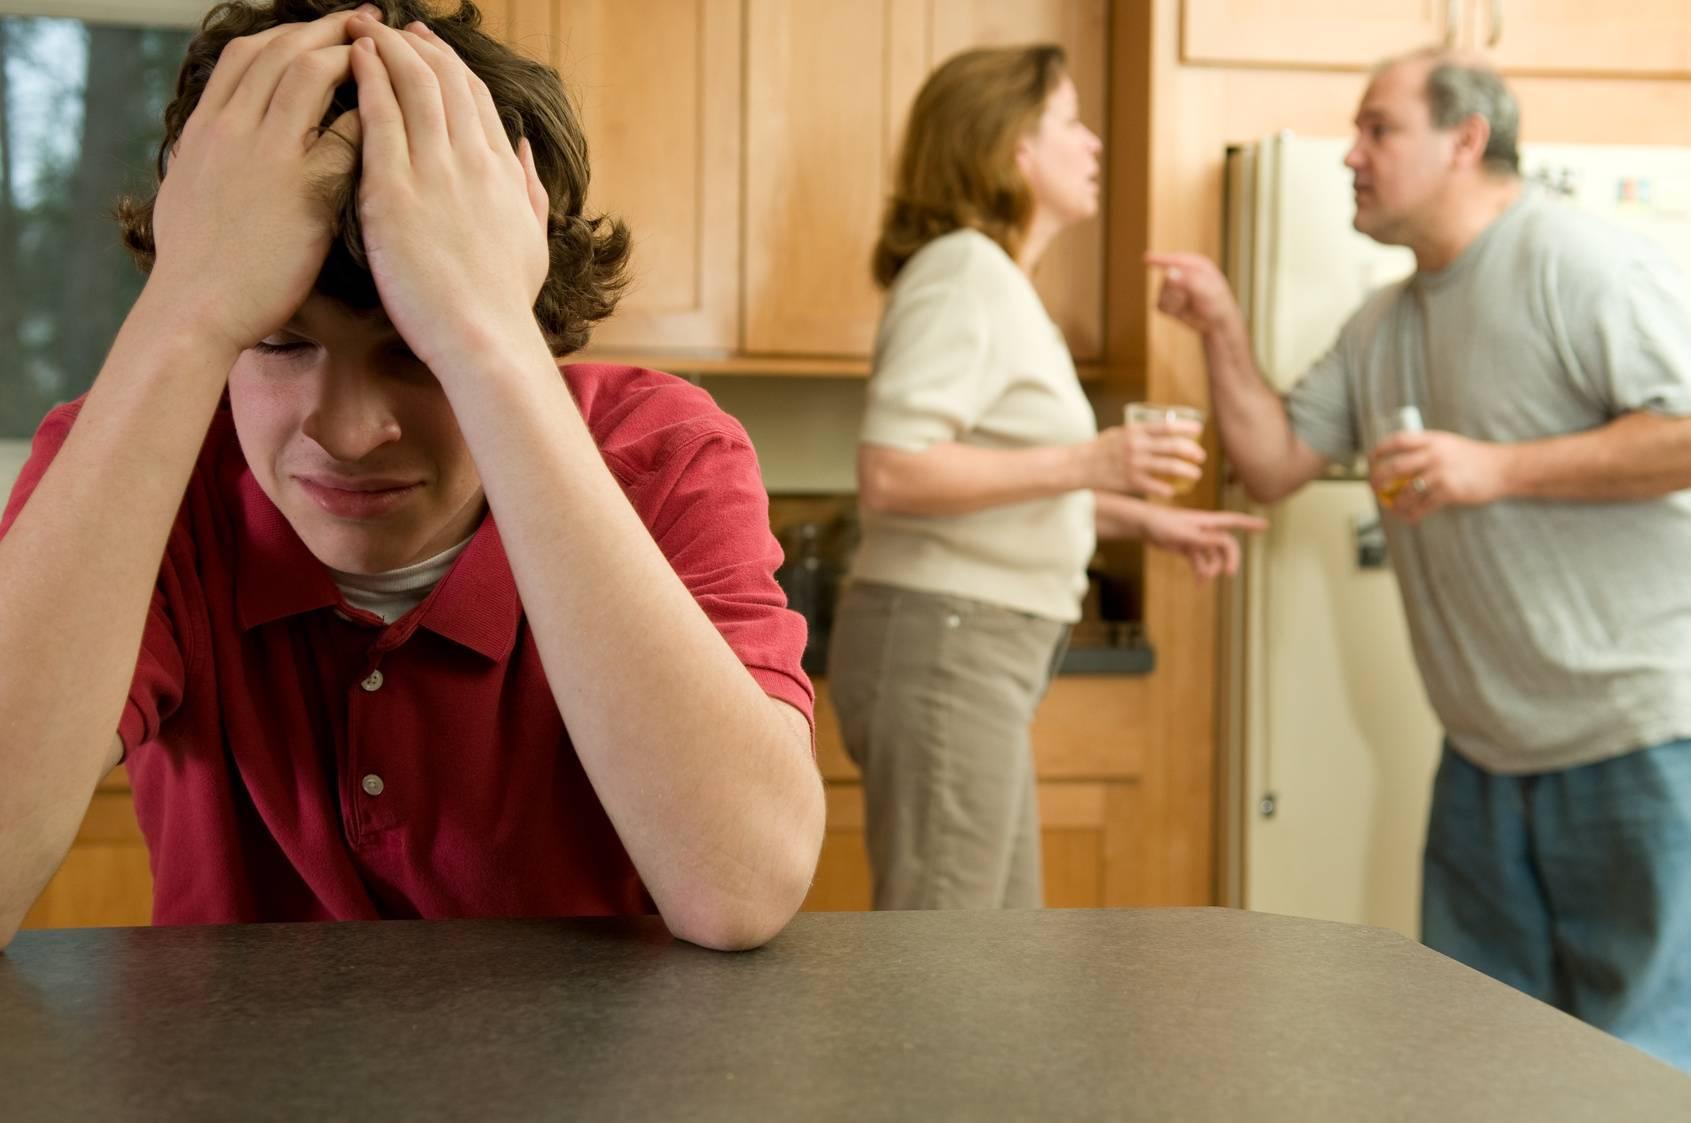 Бесплатные онлайн психологи и психотерапевты, консультации семье и детям